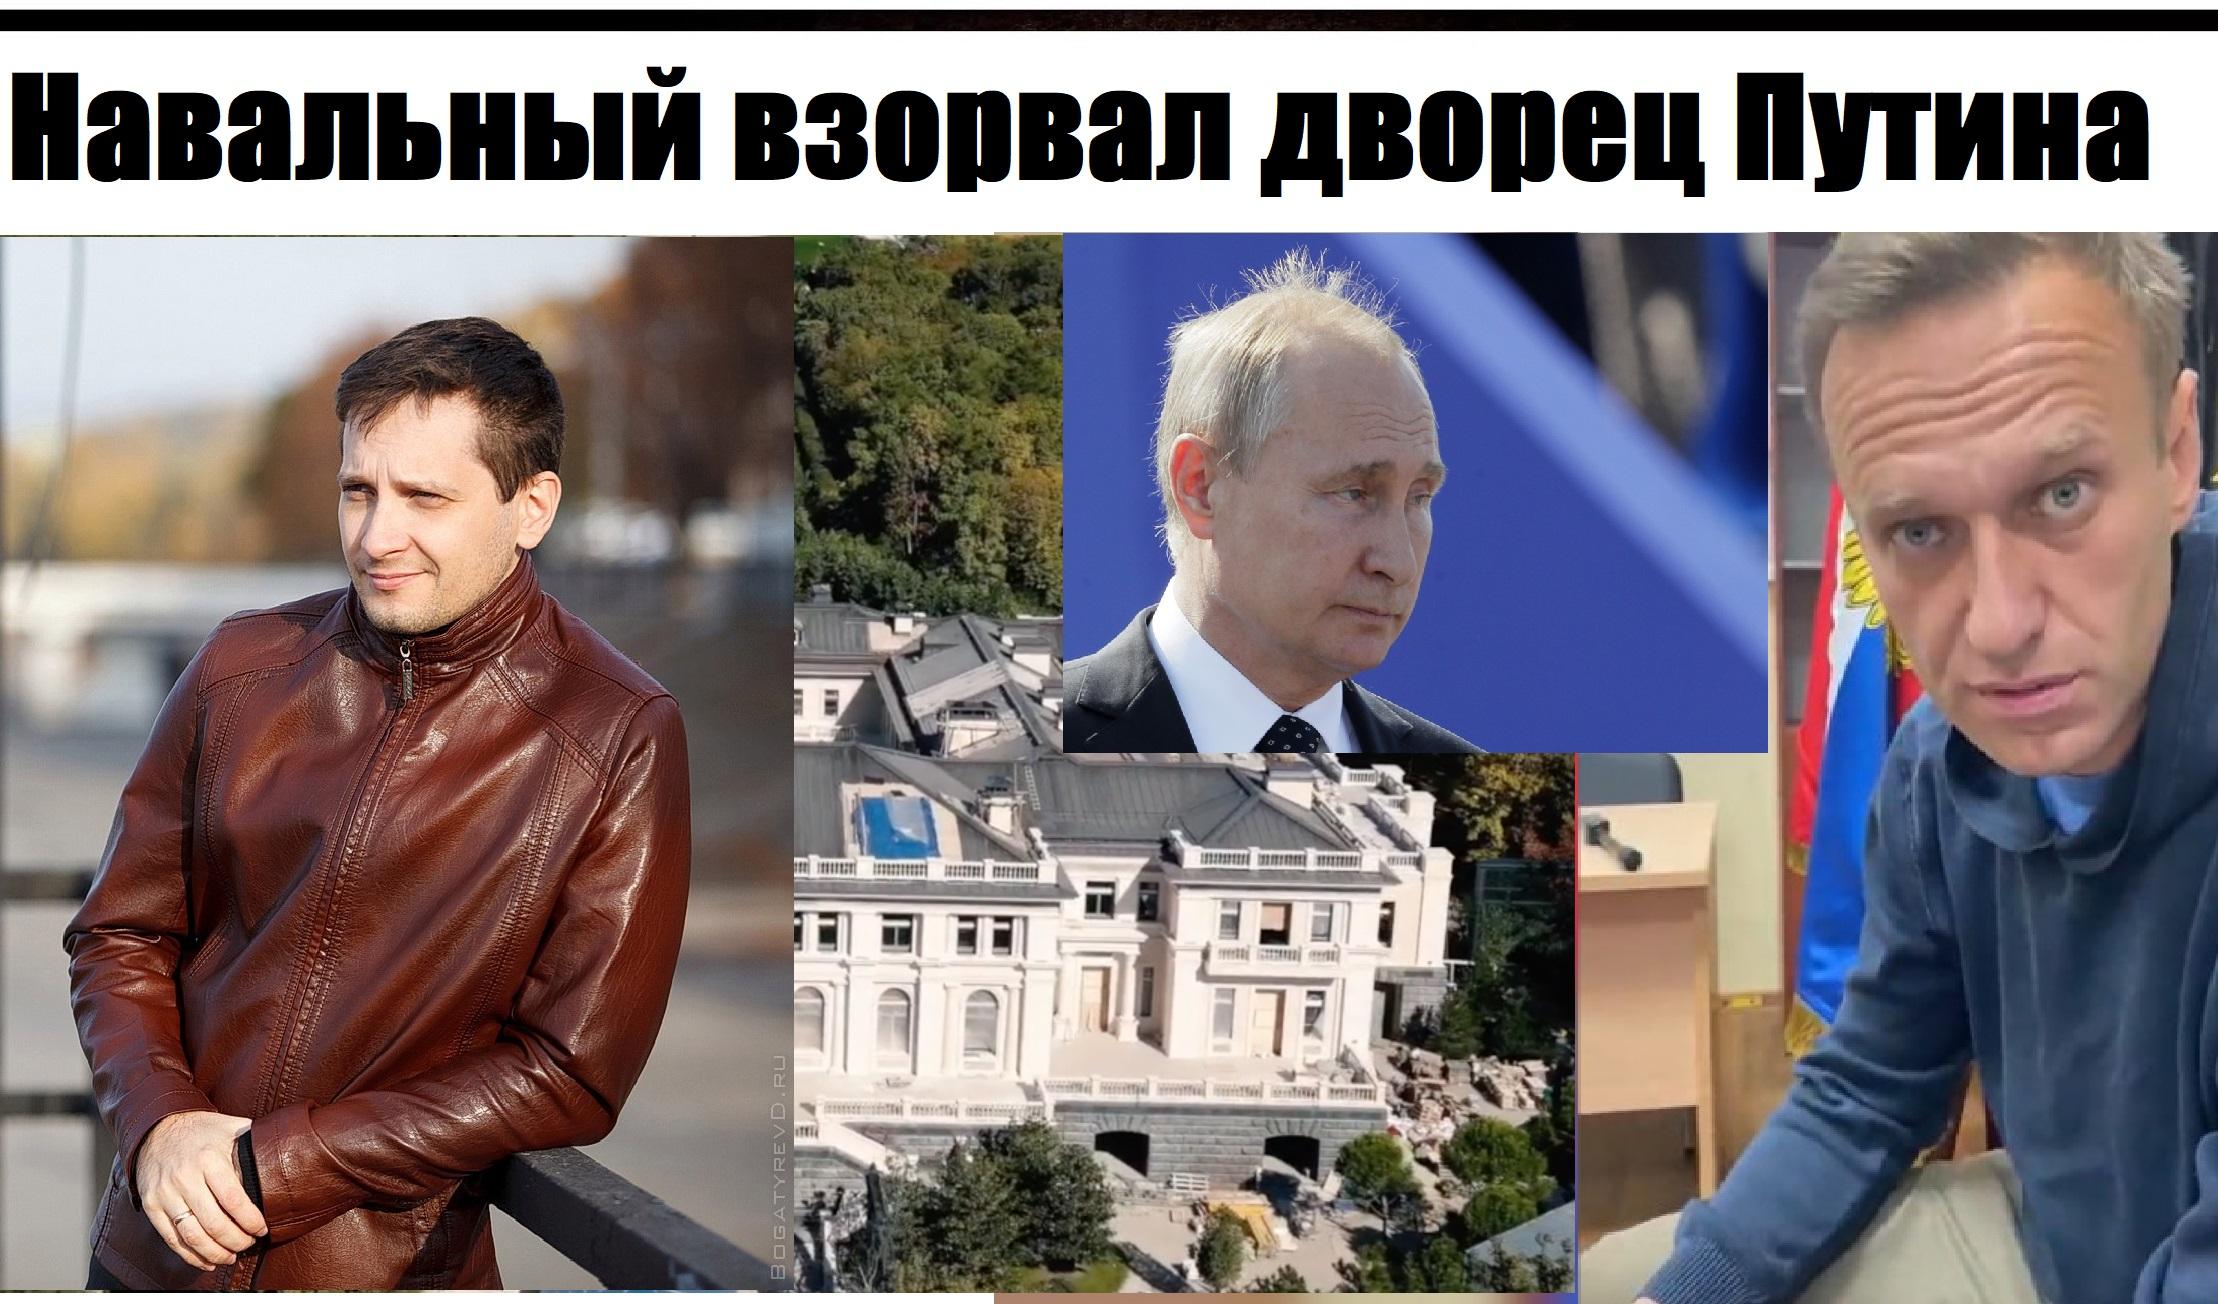 Навальный Дворец Путина